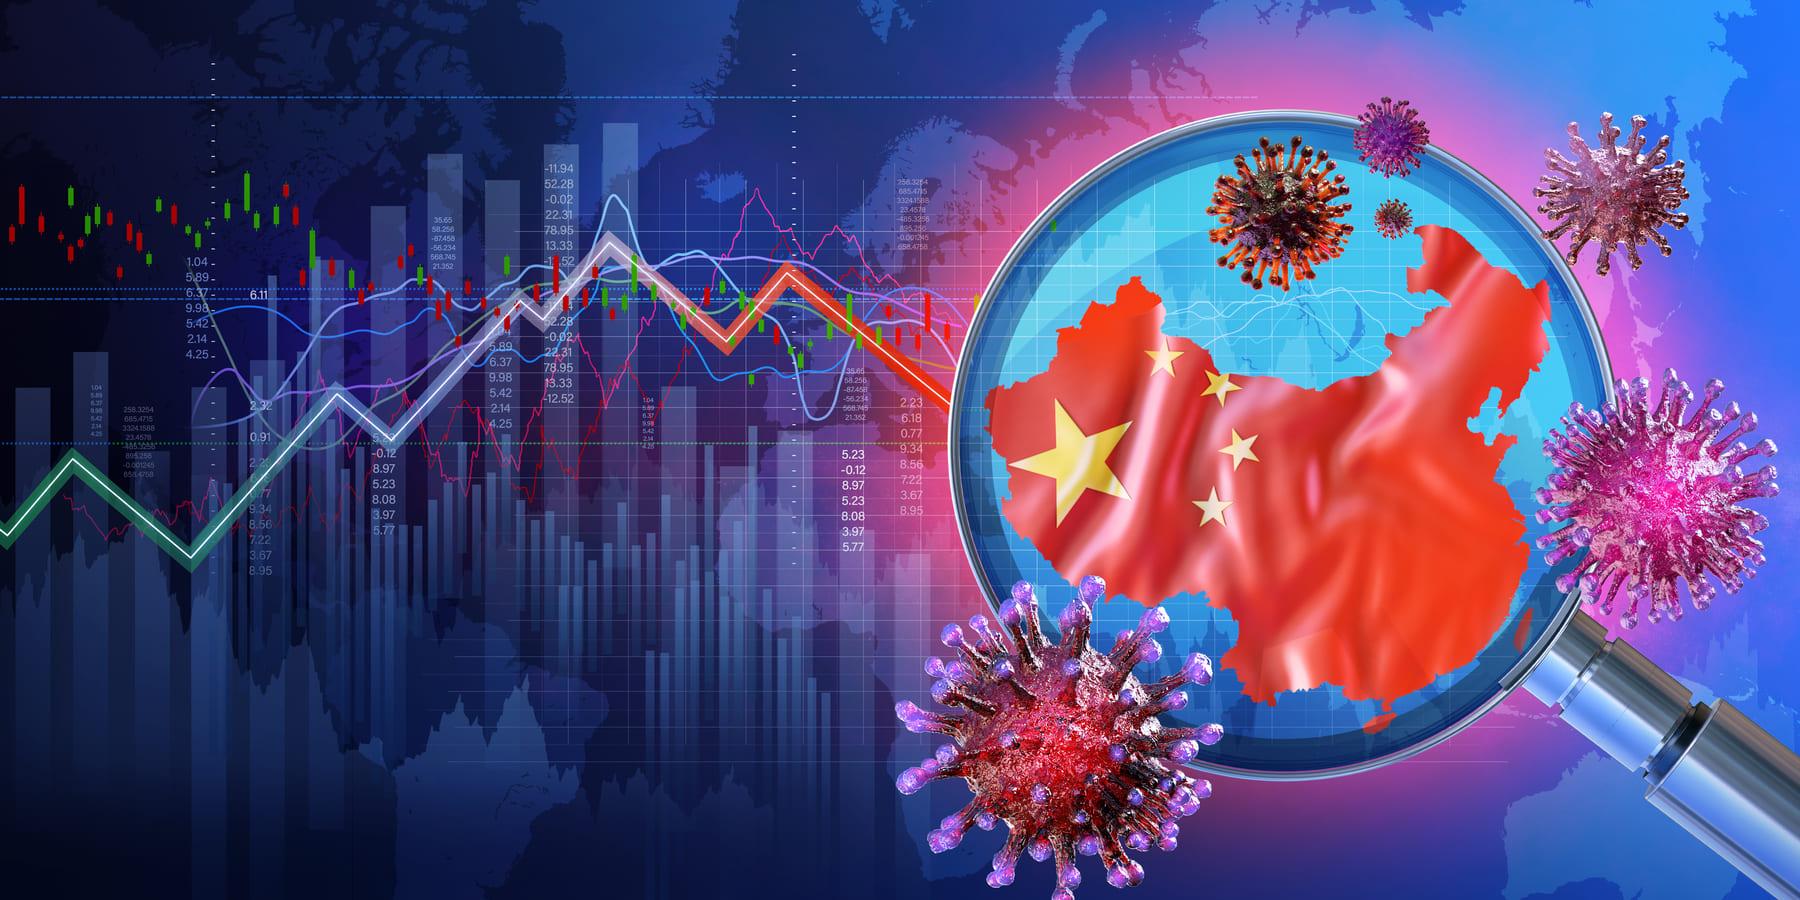 Baidu Corona Krise Herausforderung - Lupe auf chinesische Flagge mit Kursbewegung und Viren im Hintergrund